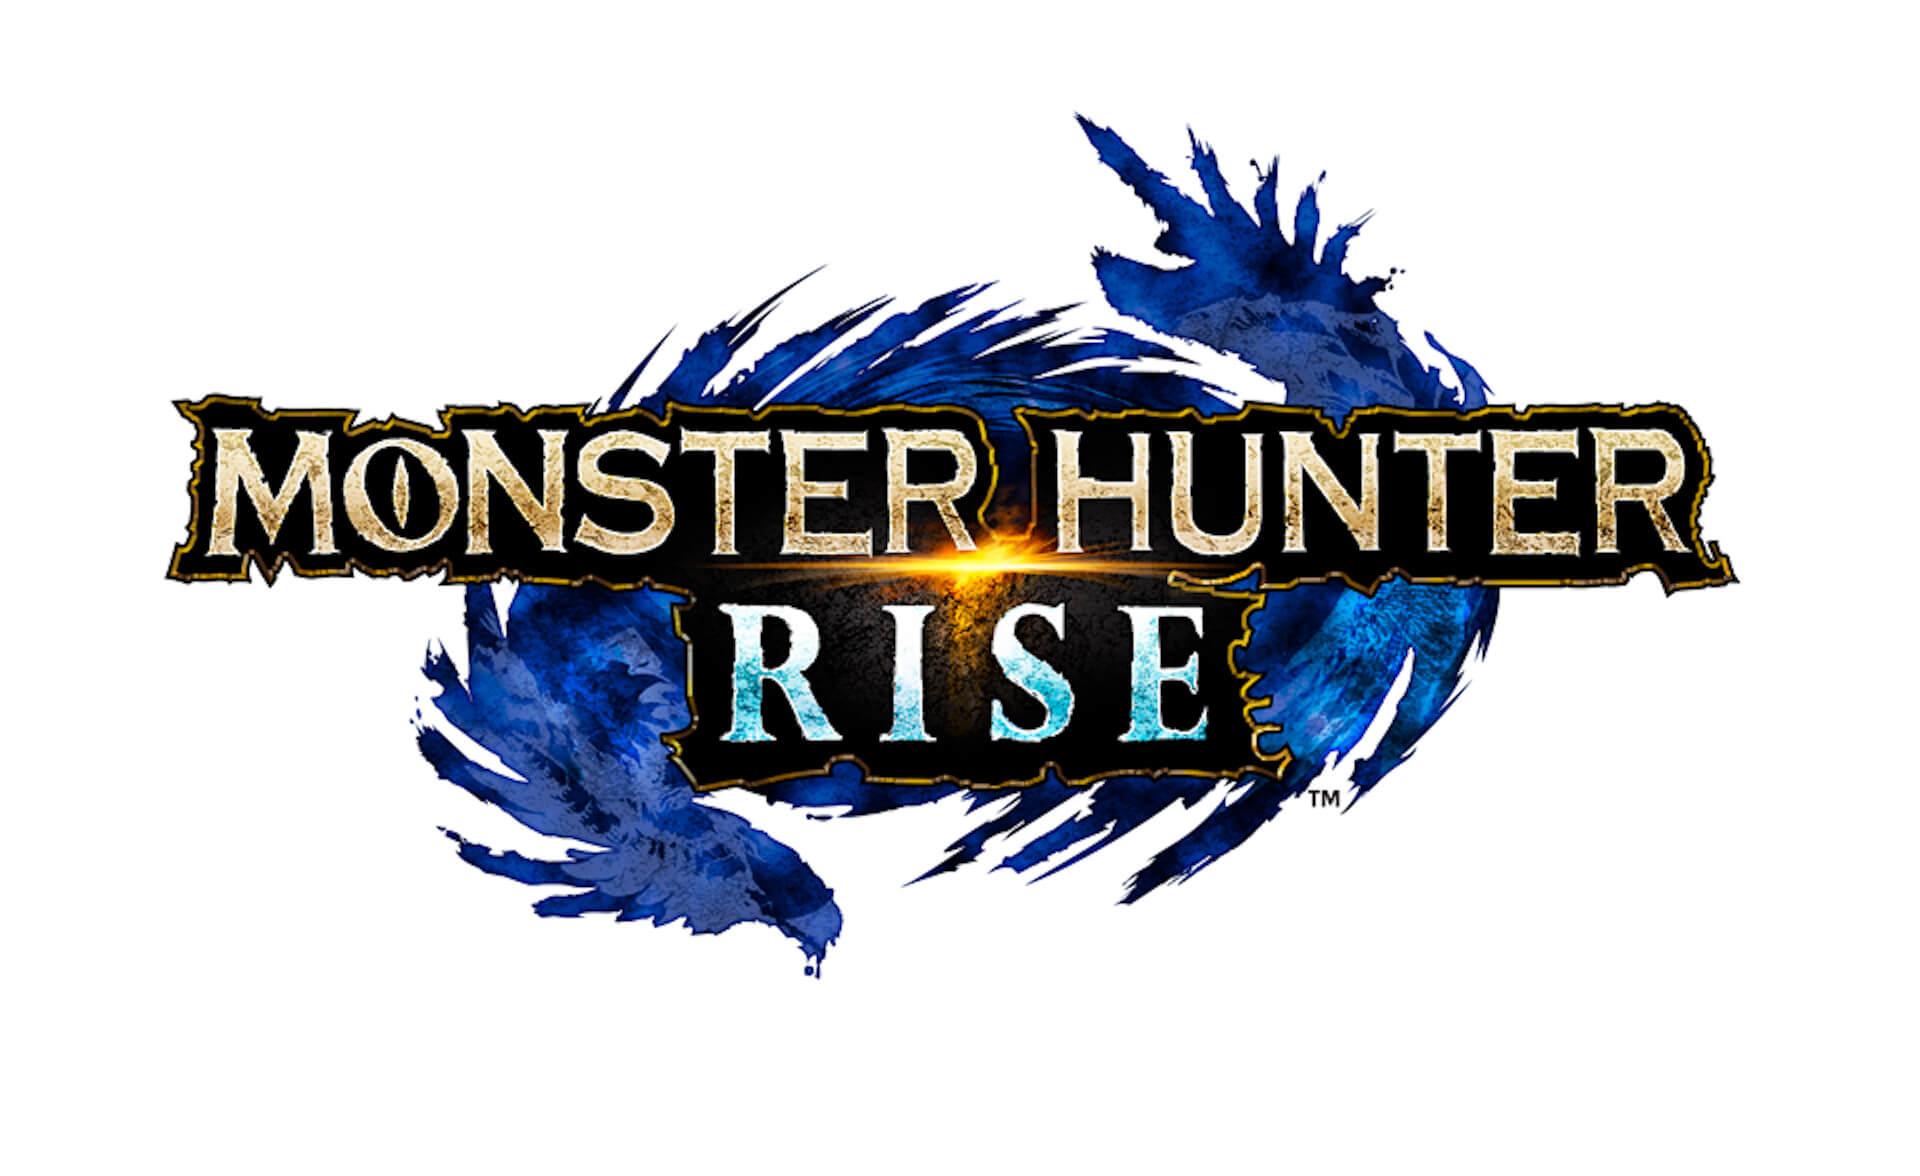 モンスターハンター最新作の体験版がついにダウンロード可能に!Nintendo Switch『モンスターハンターライズ DEMO』が配信開始 tech210108_monsterhunter_rise_3